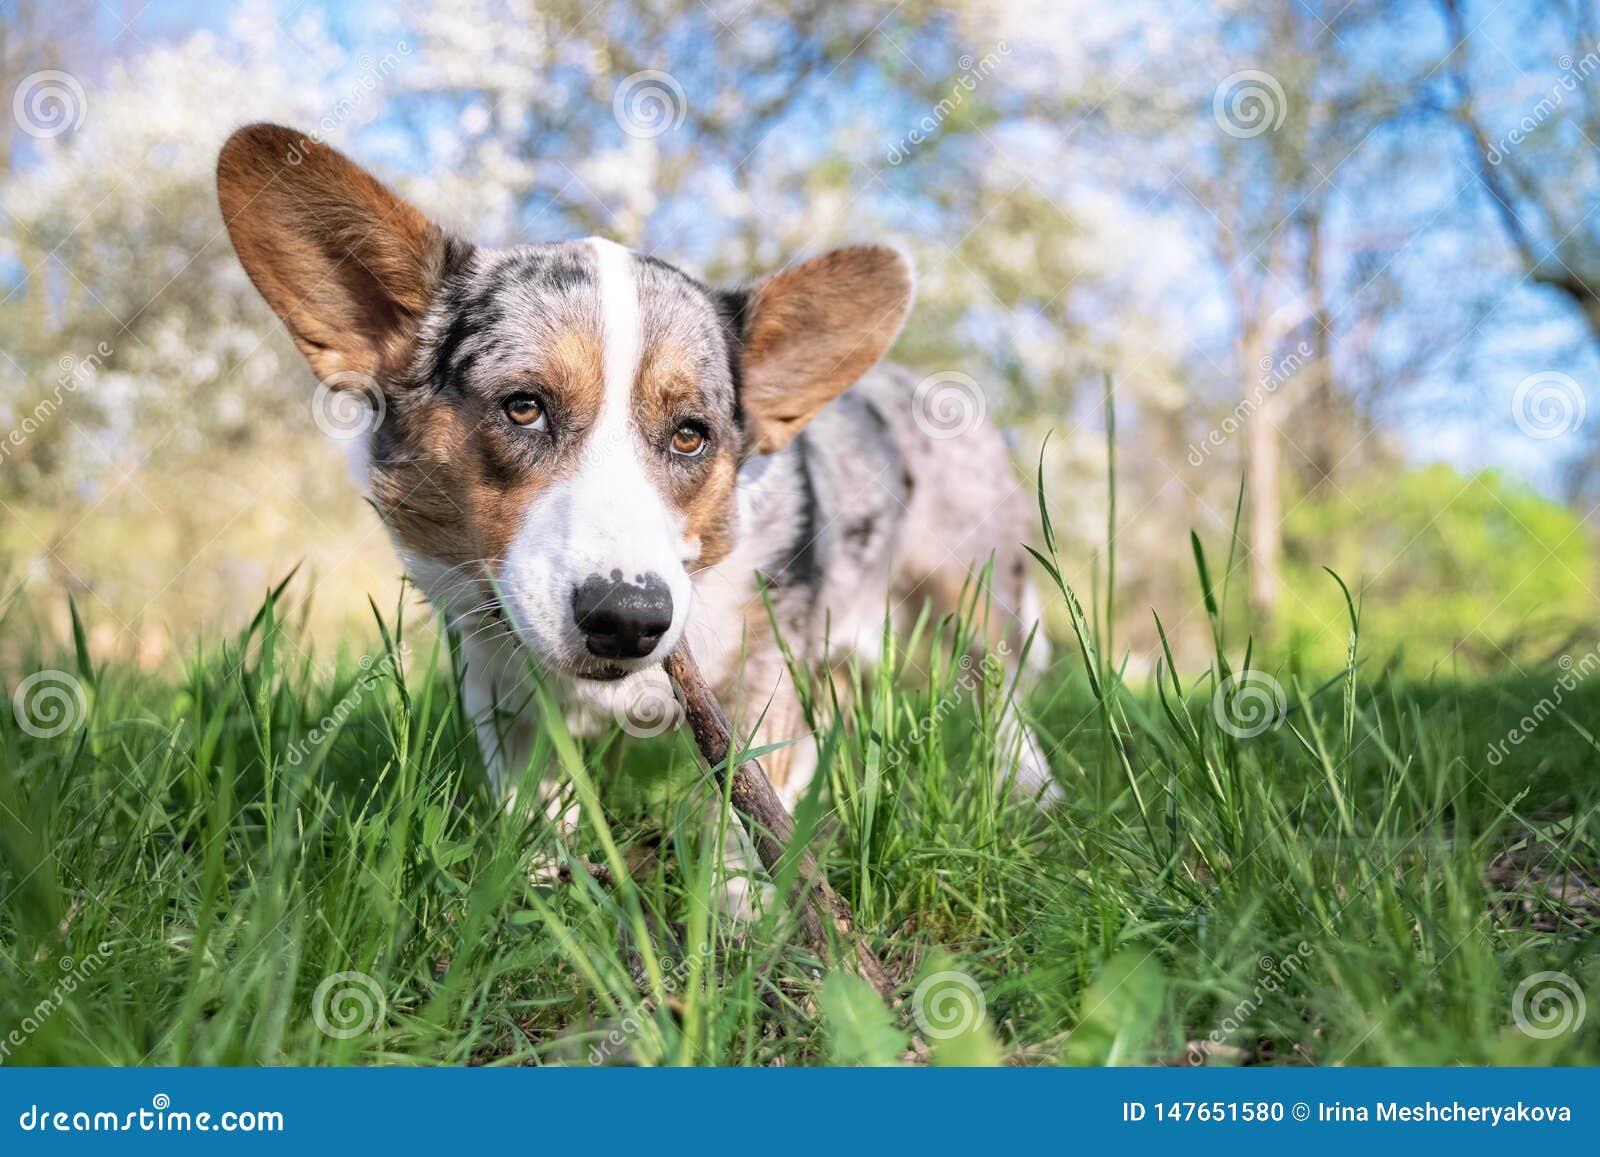 El perro de la rebeca del corgi gal?s del Pembroke en el parque en un fondo de ?rboles verdes en un d?a soleado mordisca una rama